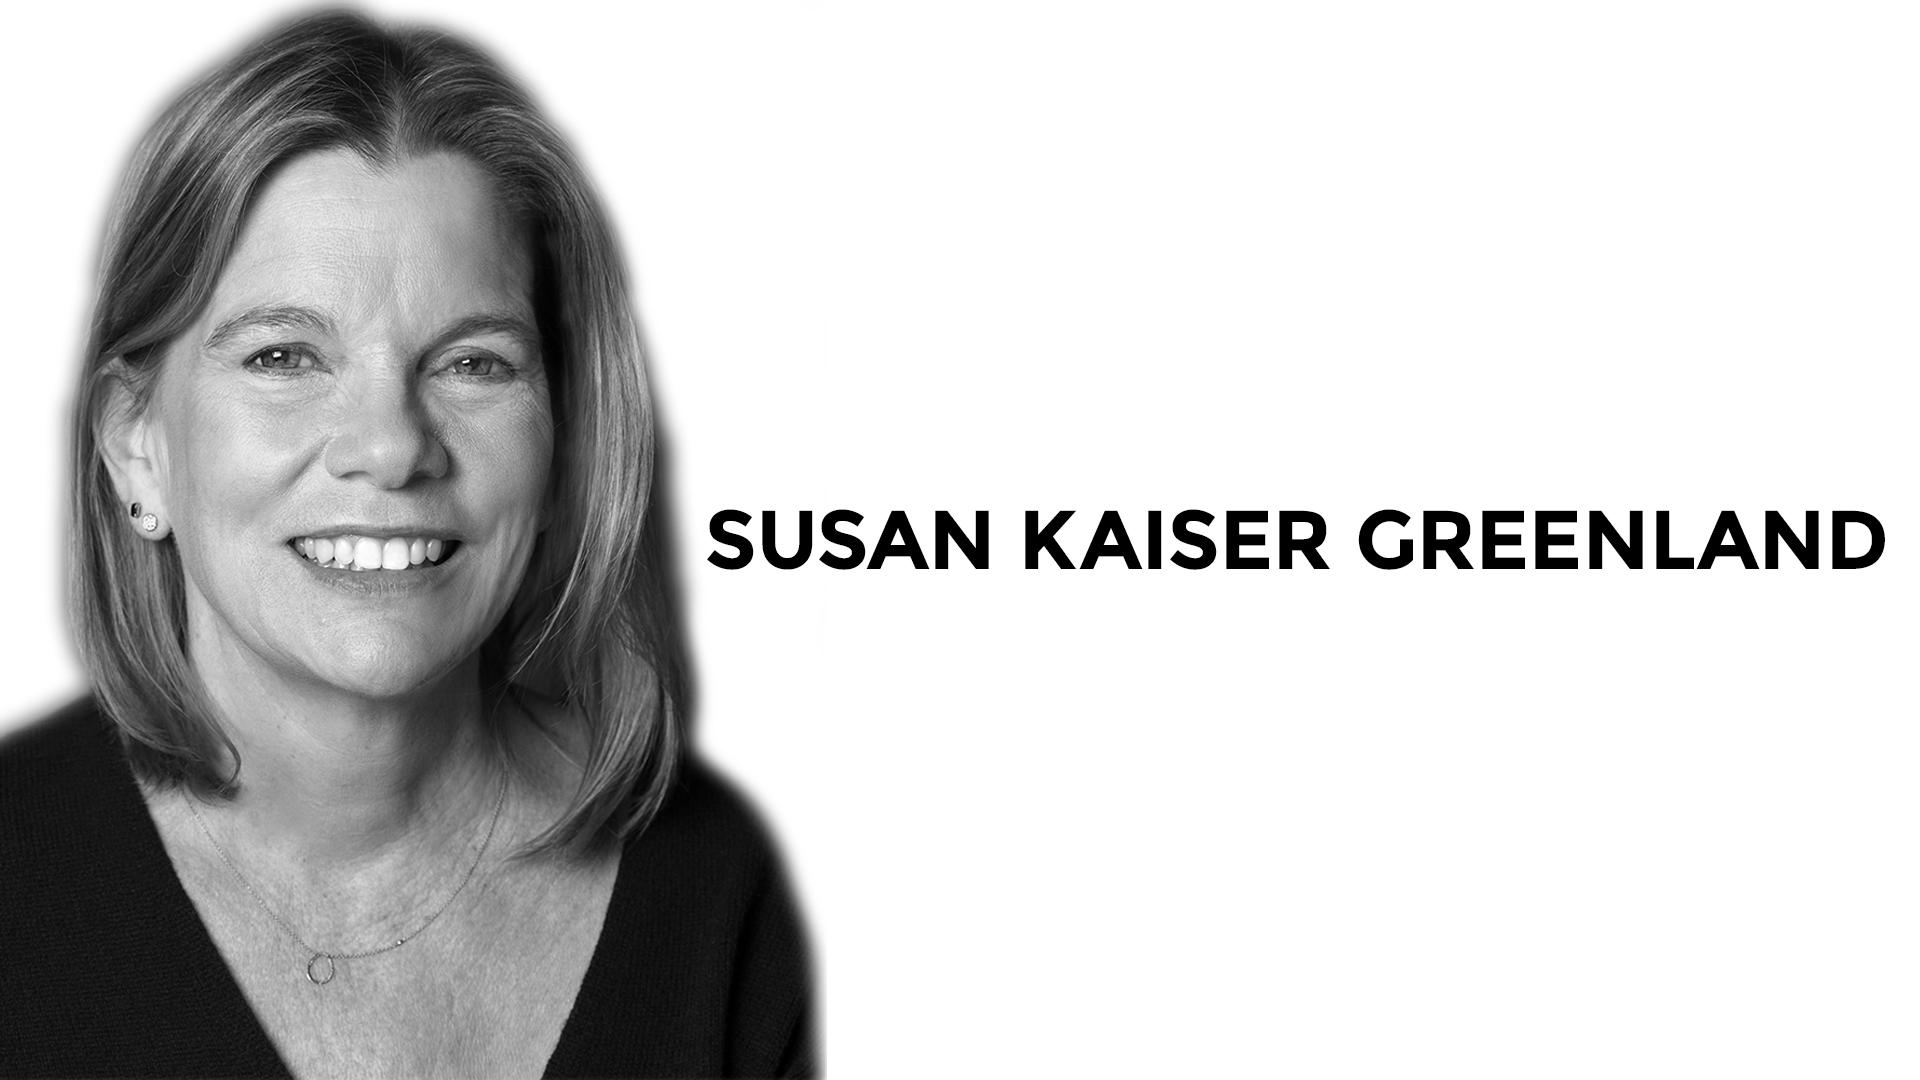 SUSAN-KAISER-GREENLAND-new.jpg